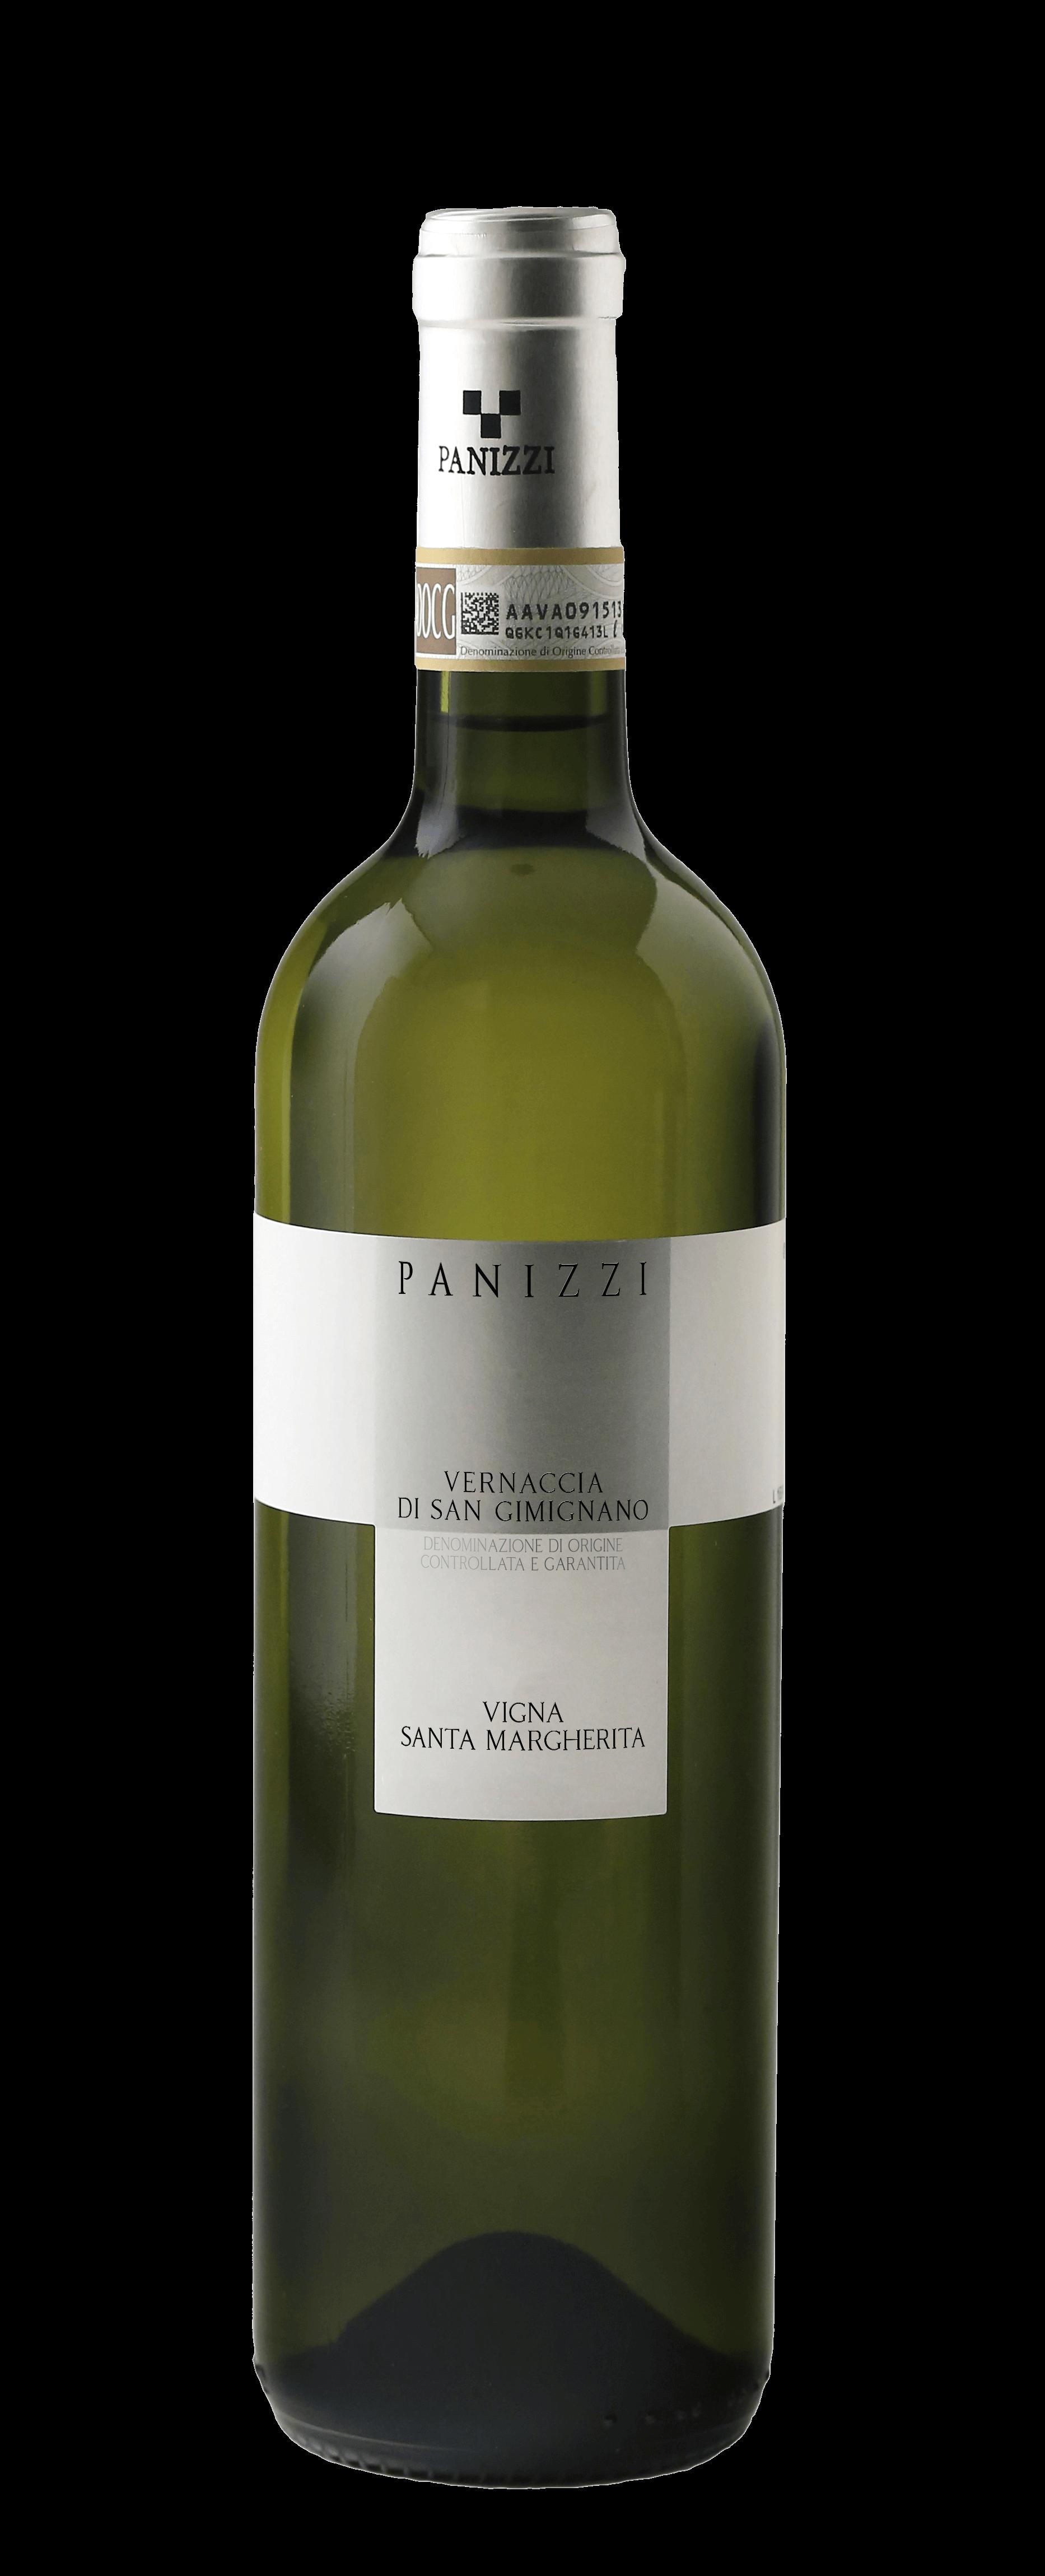 Produktbild för Vigna Santa Margherita Vernaccia di San Gimignano 2018